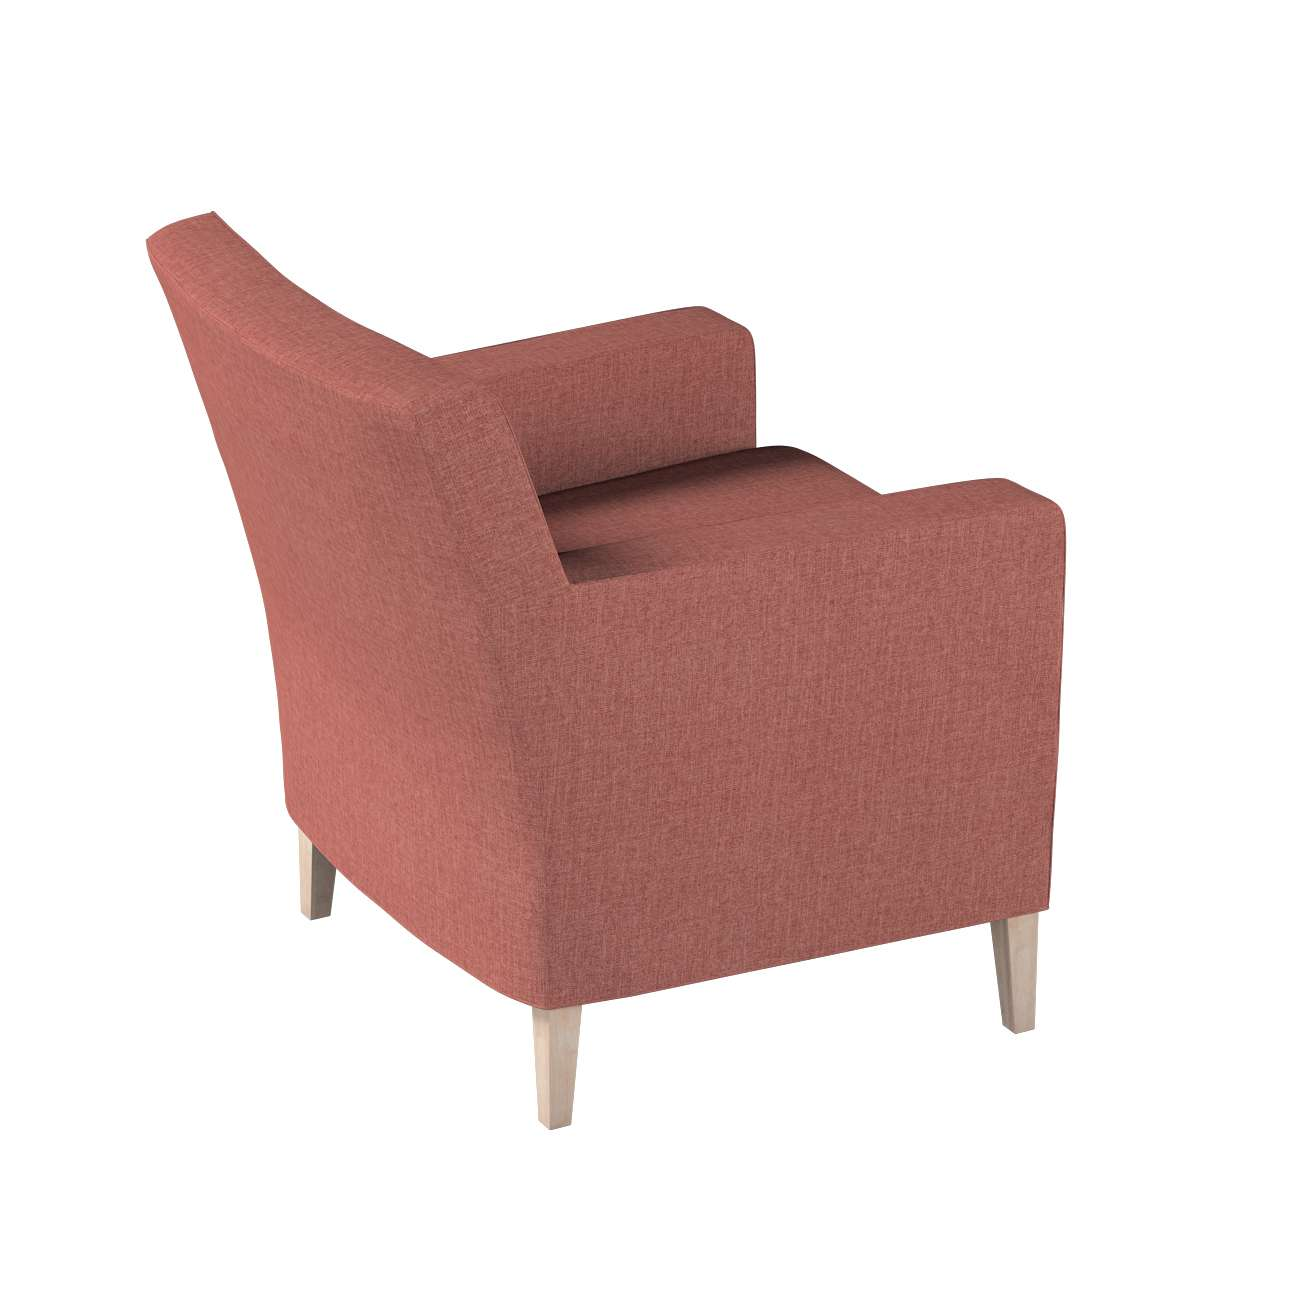 Pokrowiec na fotel Karlstad w kolekcji City, tkanina: 704-84